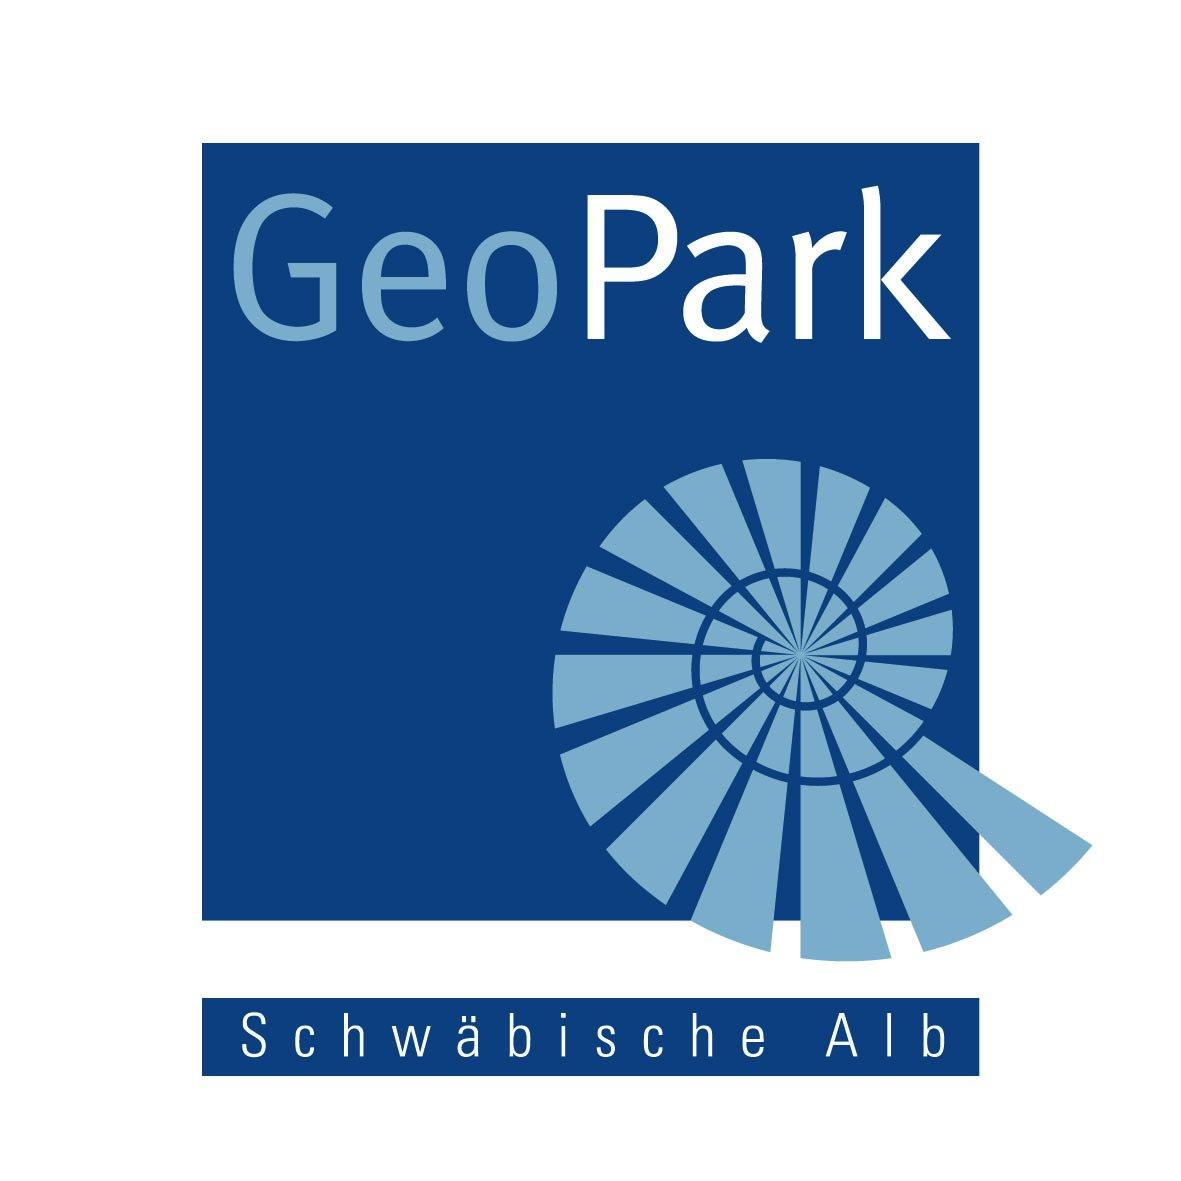 Das Logo des UNESCO Global Geopark Schwäbische Alb e.V.